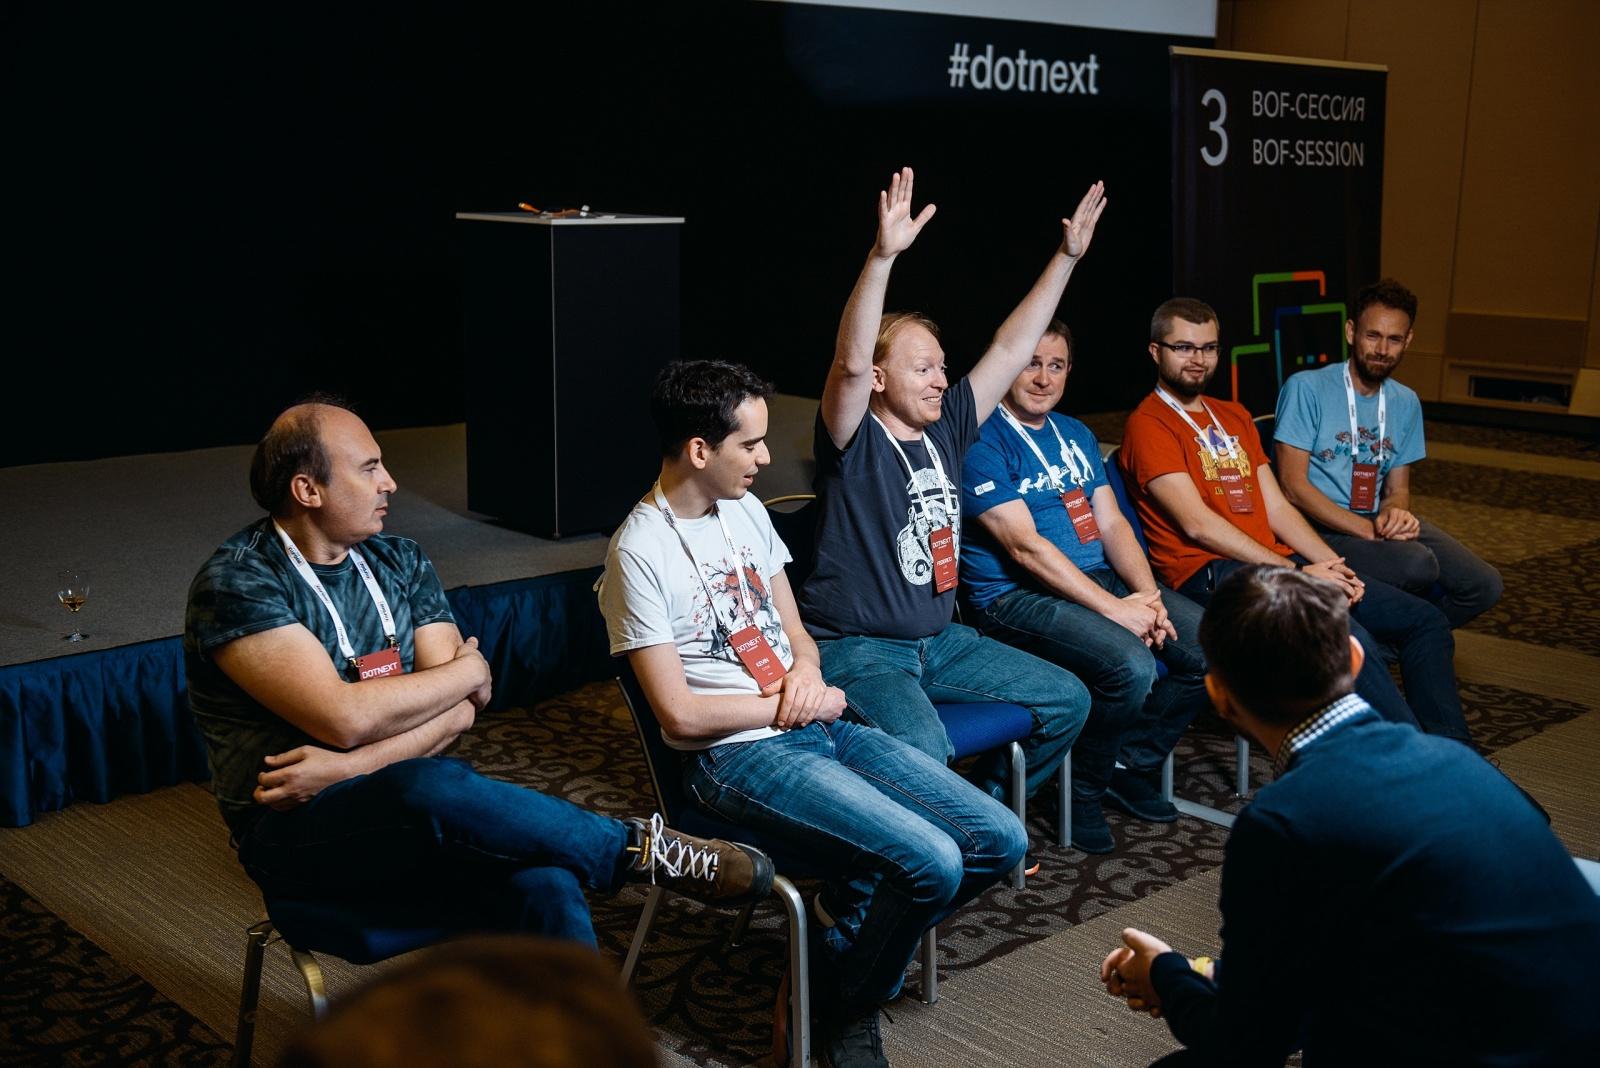 Войны платформ и приезд Uncle Bob в Россию: что было и что будет на DotNext - 5